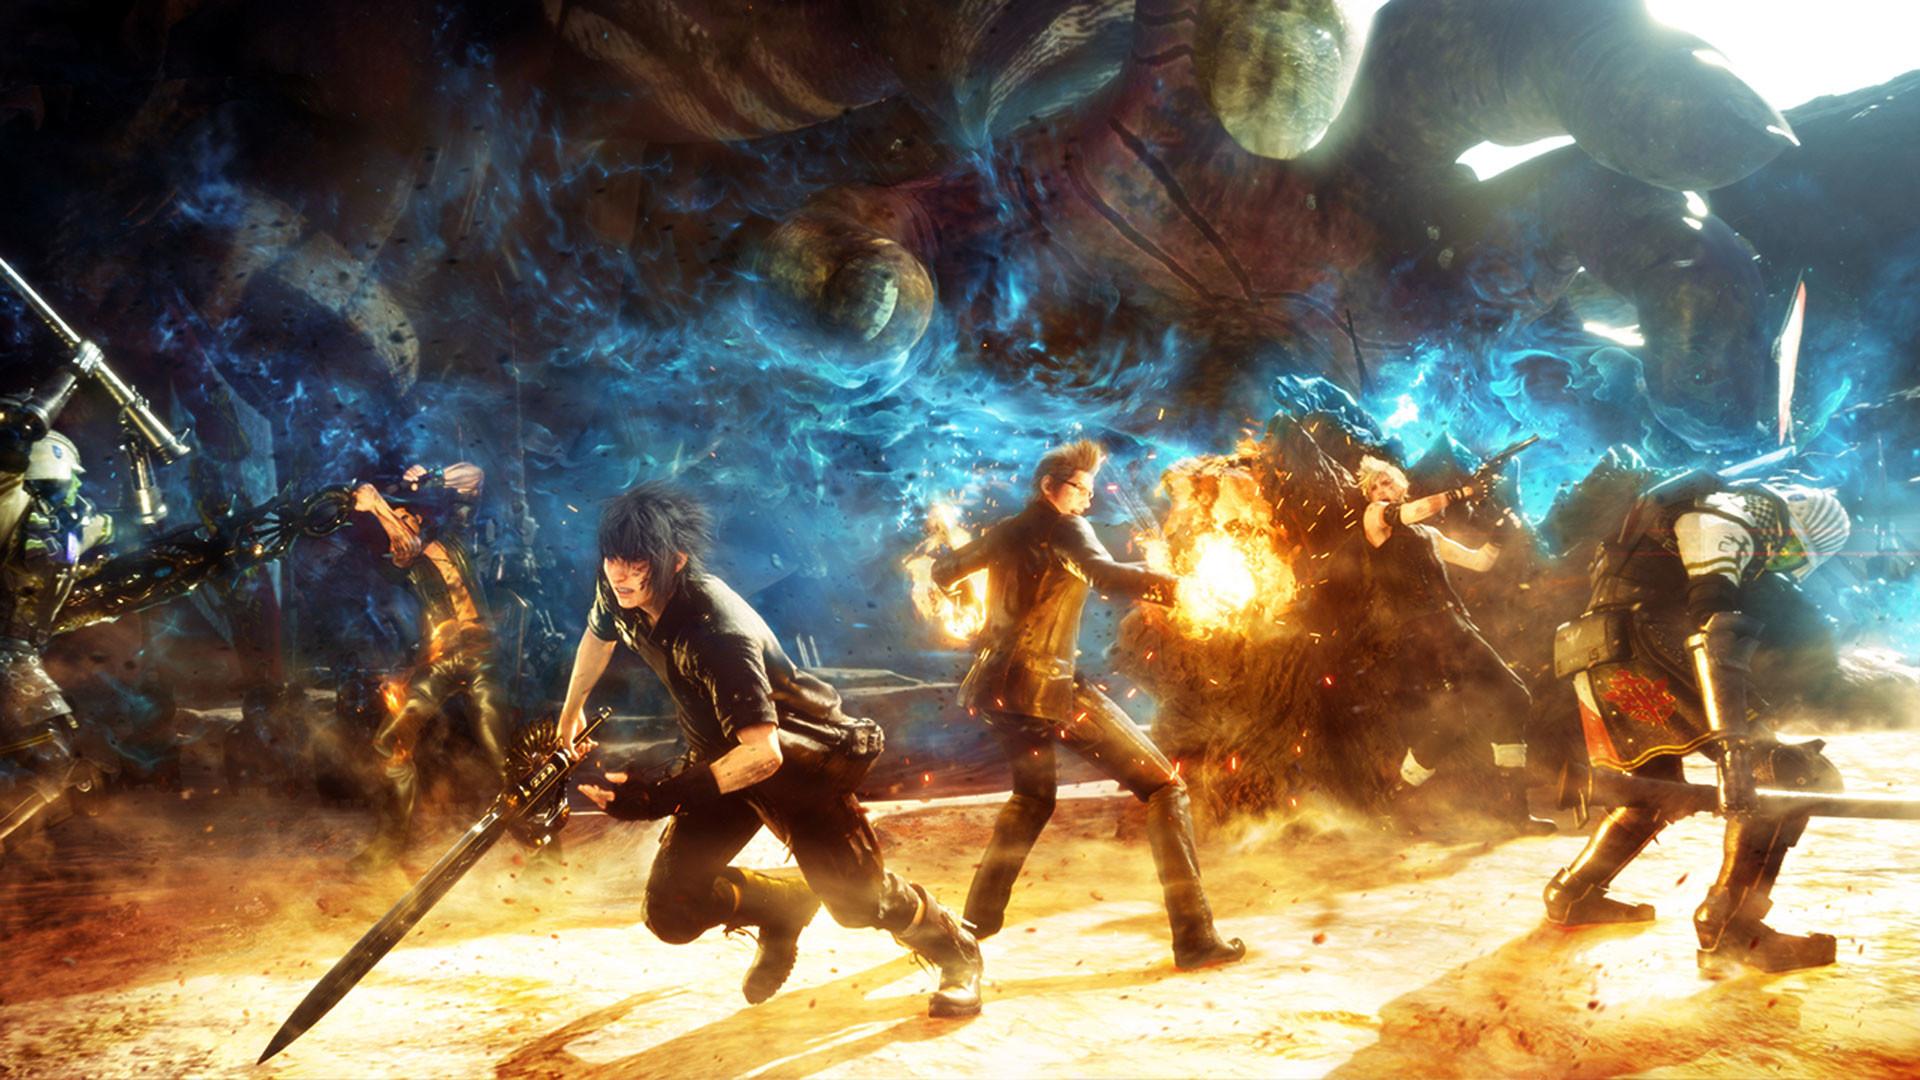 … Final Fantasy XV 720p Wallpaper …